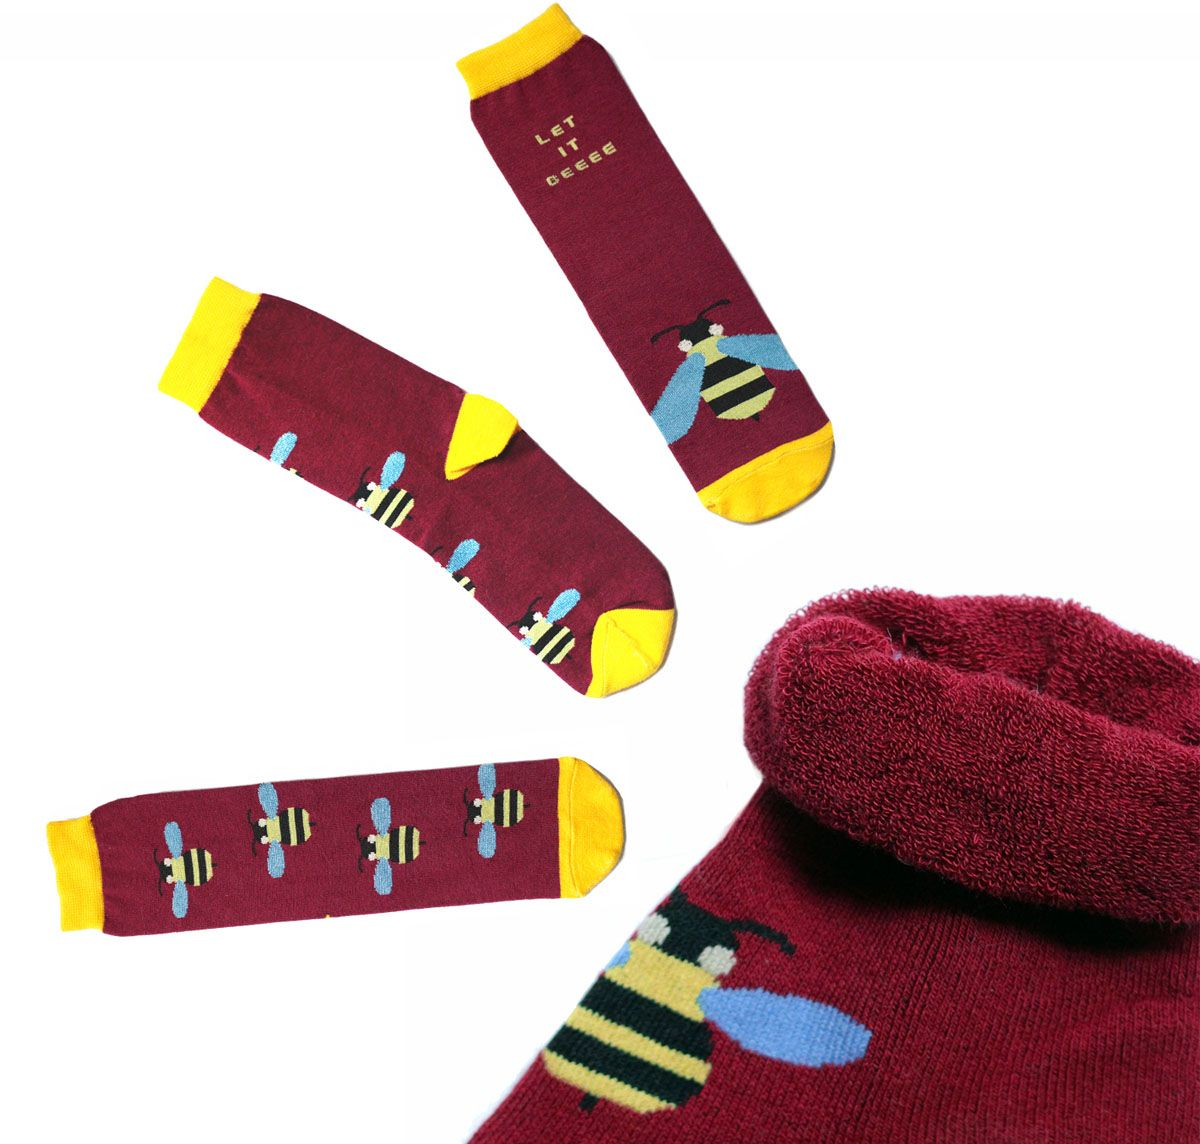 Носки мужские Big Bang Socks, махровые, цвет: бордовый, желтый. ca11033. Размер 40/44ca11033Мужские махровые носки Big Bang Socks изготовлены из высококачественного хлопка с добавлением полиамидных и эластановых волокон, которые обеспечивают великолепную посадку.Удобная резинка идеально облегает ногу и не пережимает сосуды, а удлиненный паголенок придает более эстетичный вид. Мысок и пятка усилены. Модель оформлена принтом с изображением ос и надписью Let it beeee.